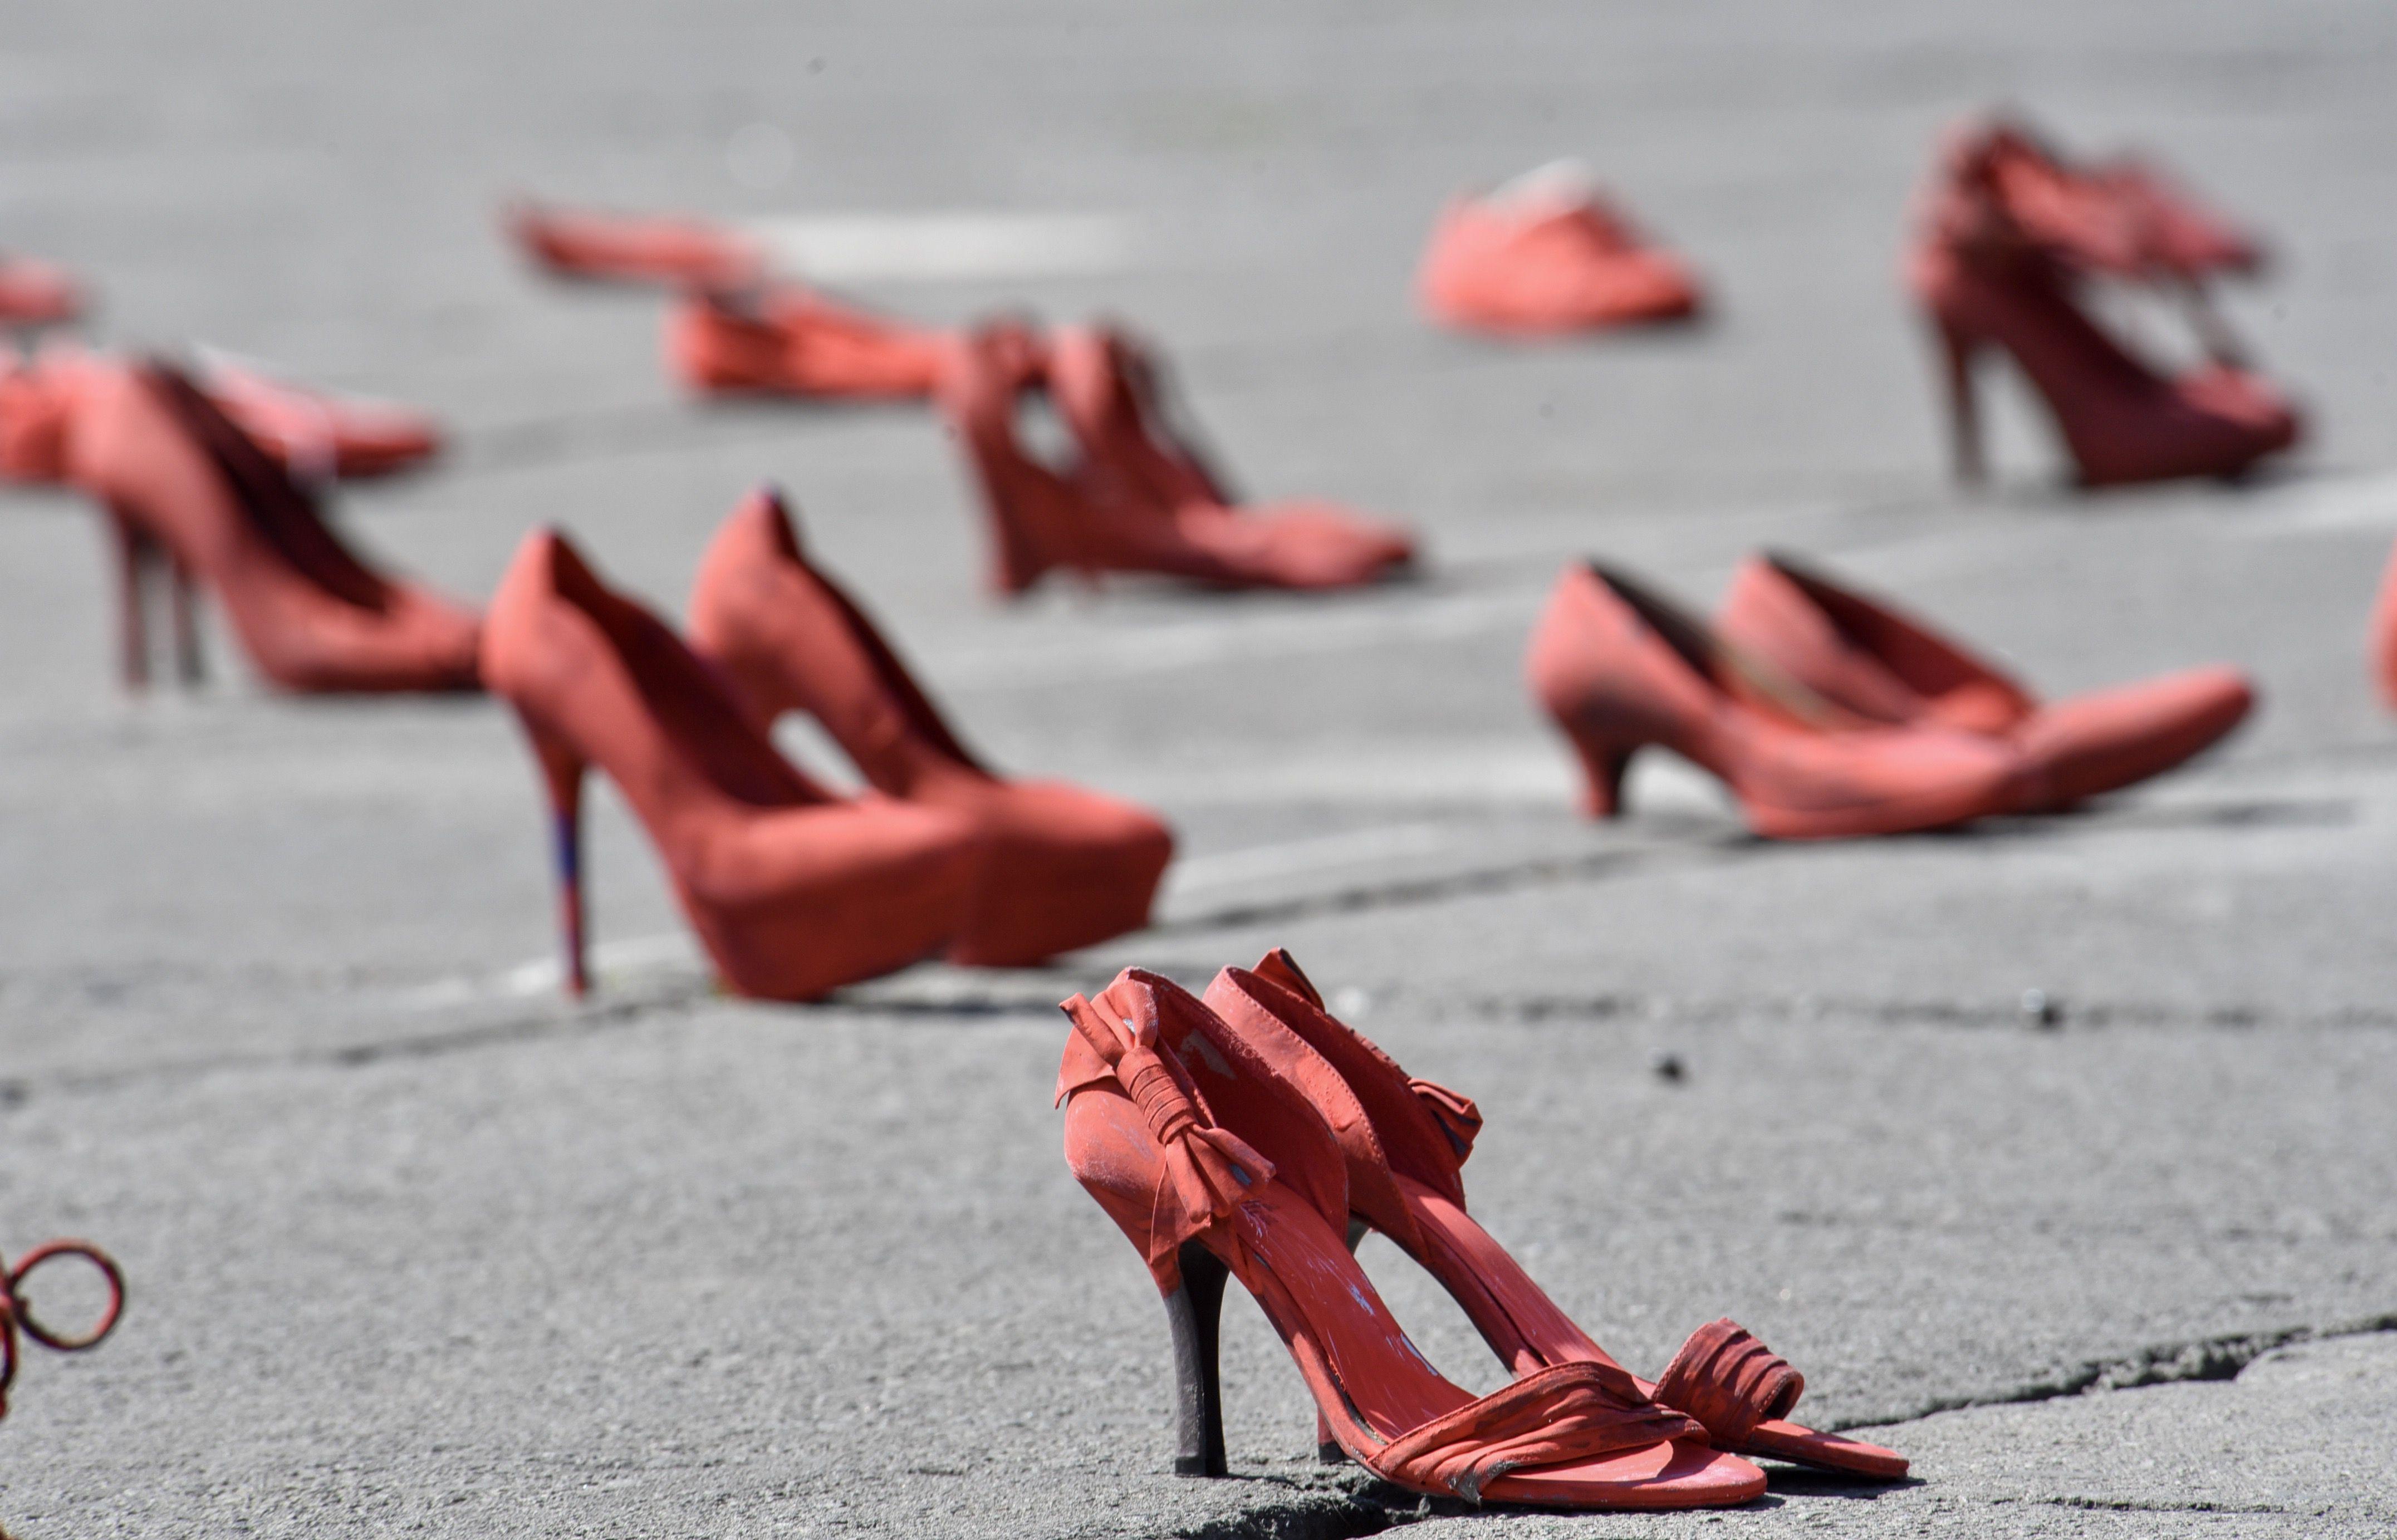 """Familiares de víctimas de feminicidio y mujeres de diversos colectivos se reunieron frente a Palacio de Gobierno e instalaron el performance """"Zapatos Rojos"""", los zapatos representan a las mujeres que han sido asesinadas en el Estado de México, este es un proyecto de arte creado por Elina Chauvet y es la primera vez que se realiza en la capital mexiquense, pidiendo justicia y alto a la violencia de género (Foto: Crisanta Espinosa Aguilar/Cuartoscuro)"""